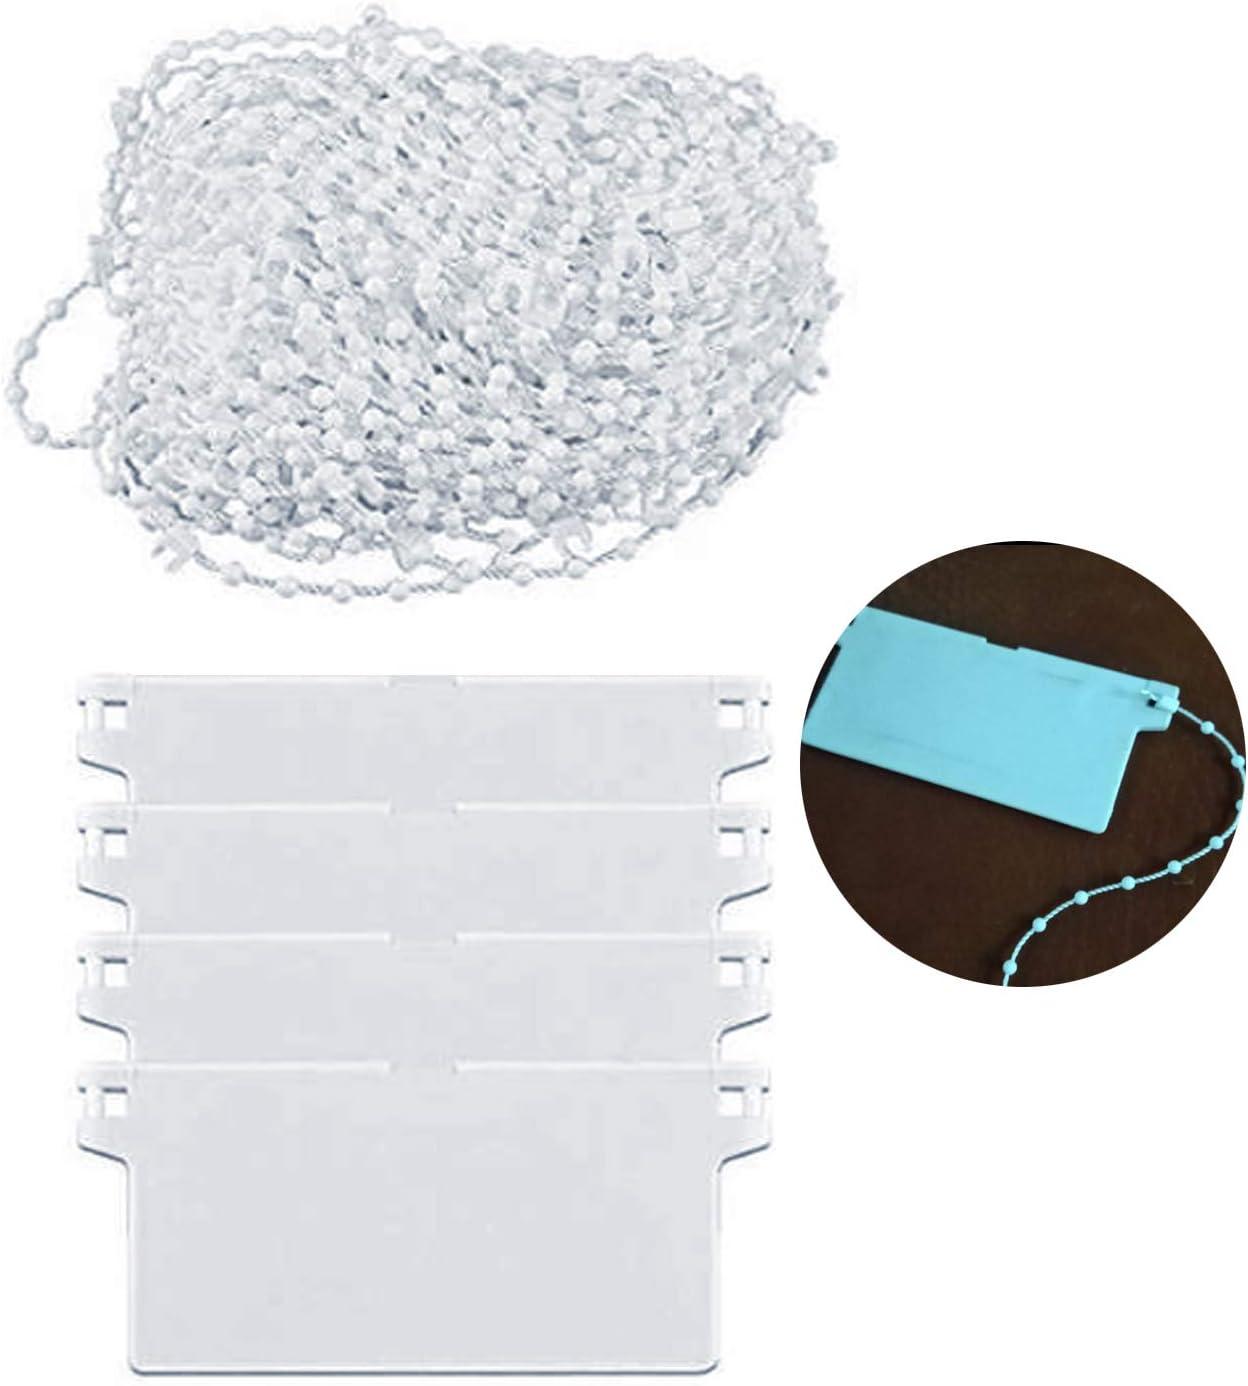 LEEQ 81 Links - Cadena para persianas Verticales con 4 Conectores de Cadena de plástico para láminas de 89 mm